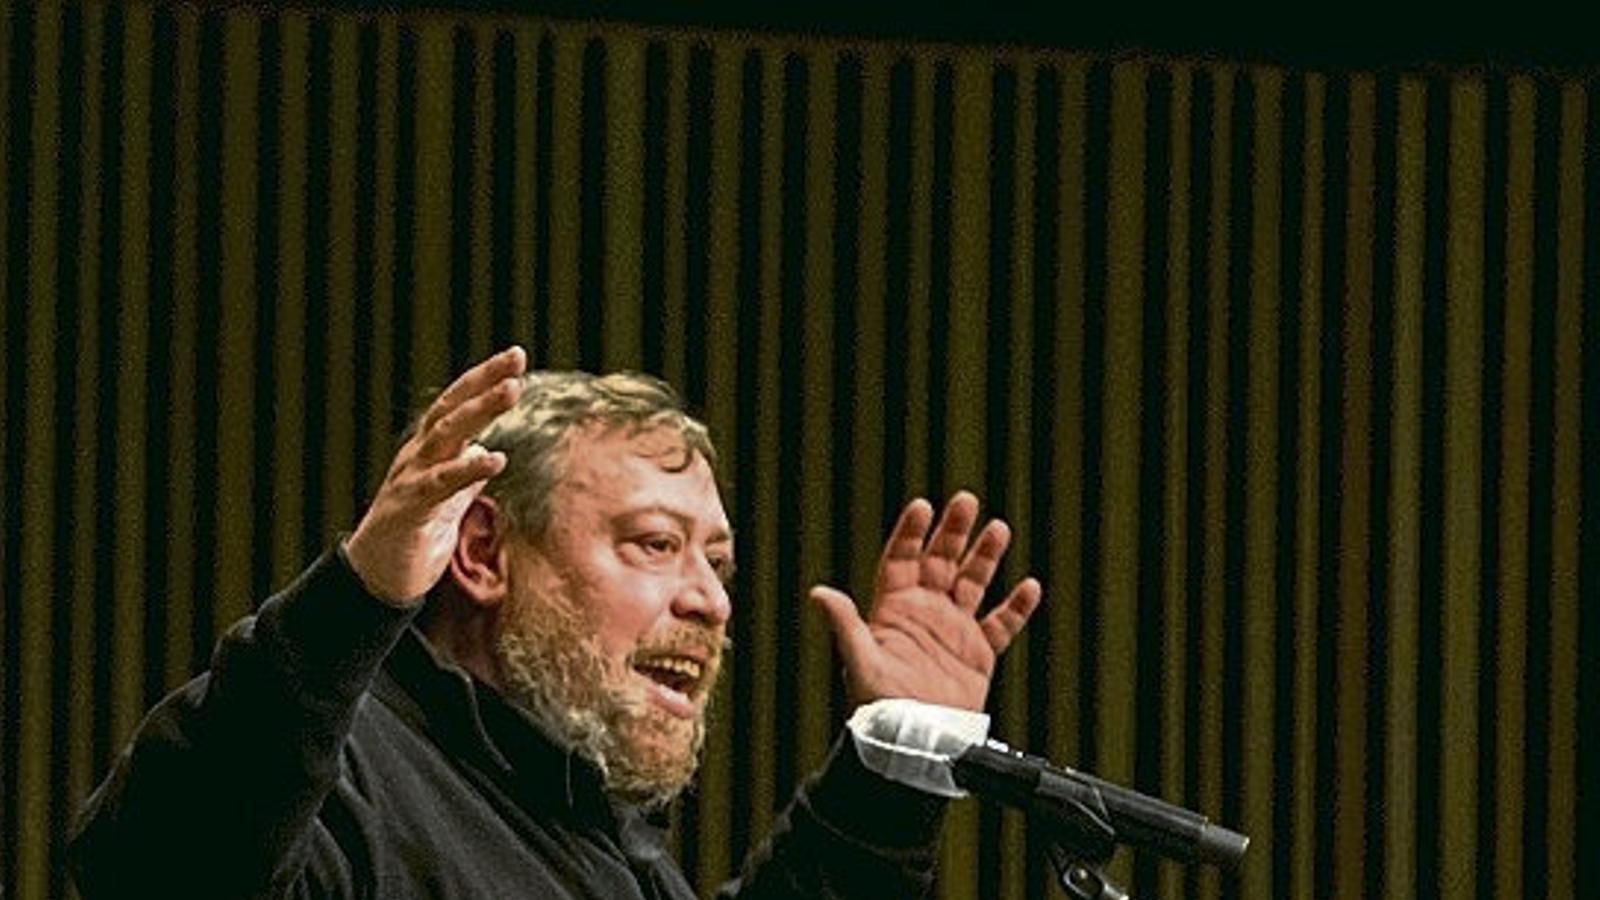 Xavier Theros durant el recital d'Accidents Polipoètics ahir al Macba.